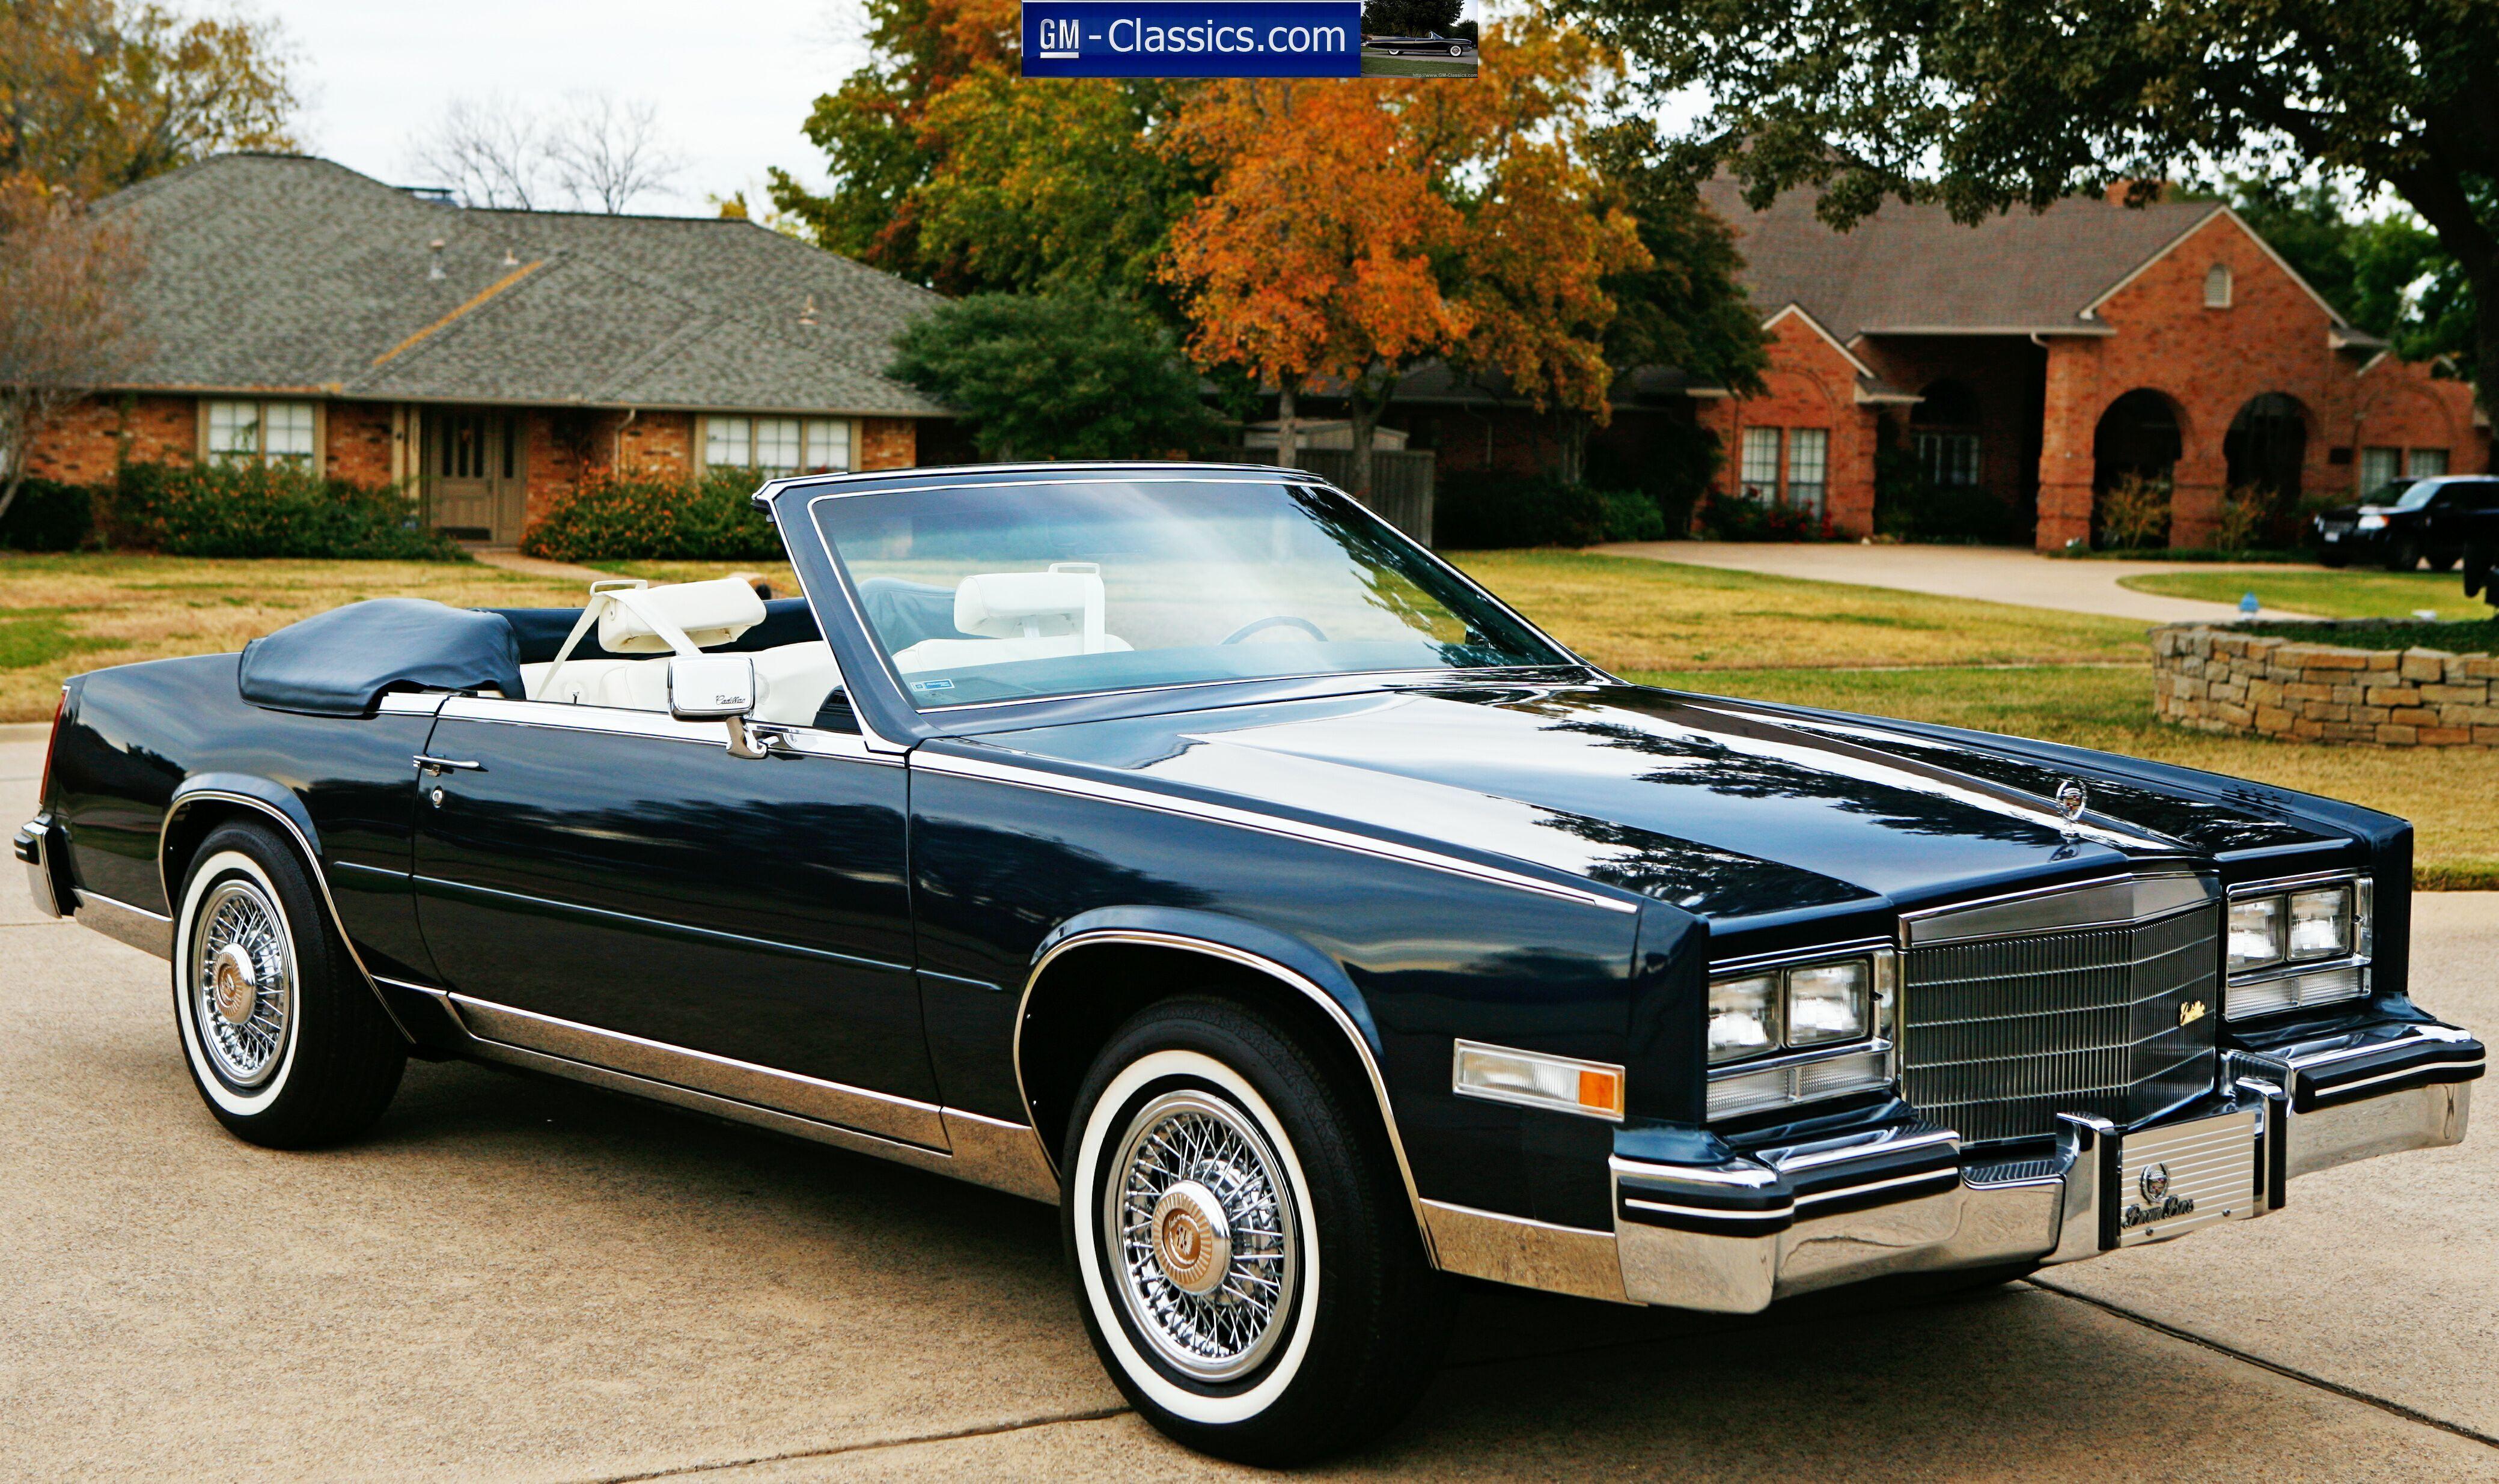 Worksheet. EXTREMELY RARE 1985 Cadillac Eldorado Biarritz Convertible